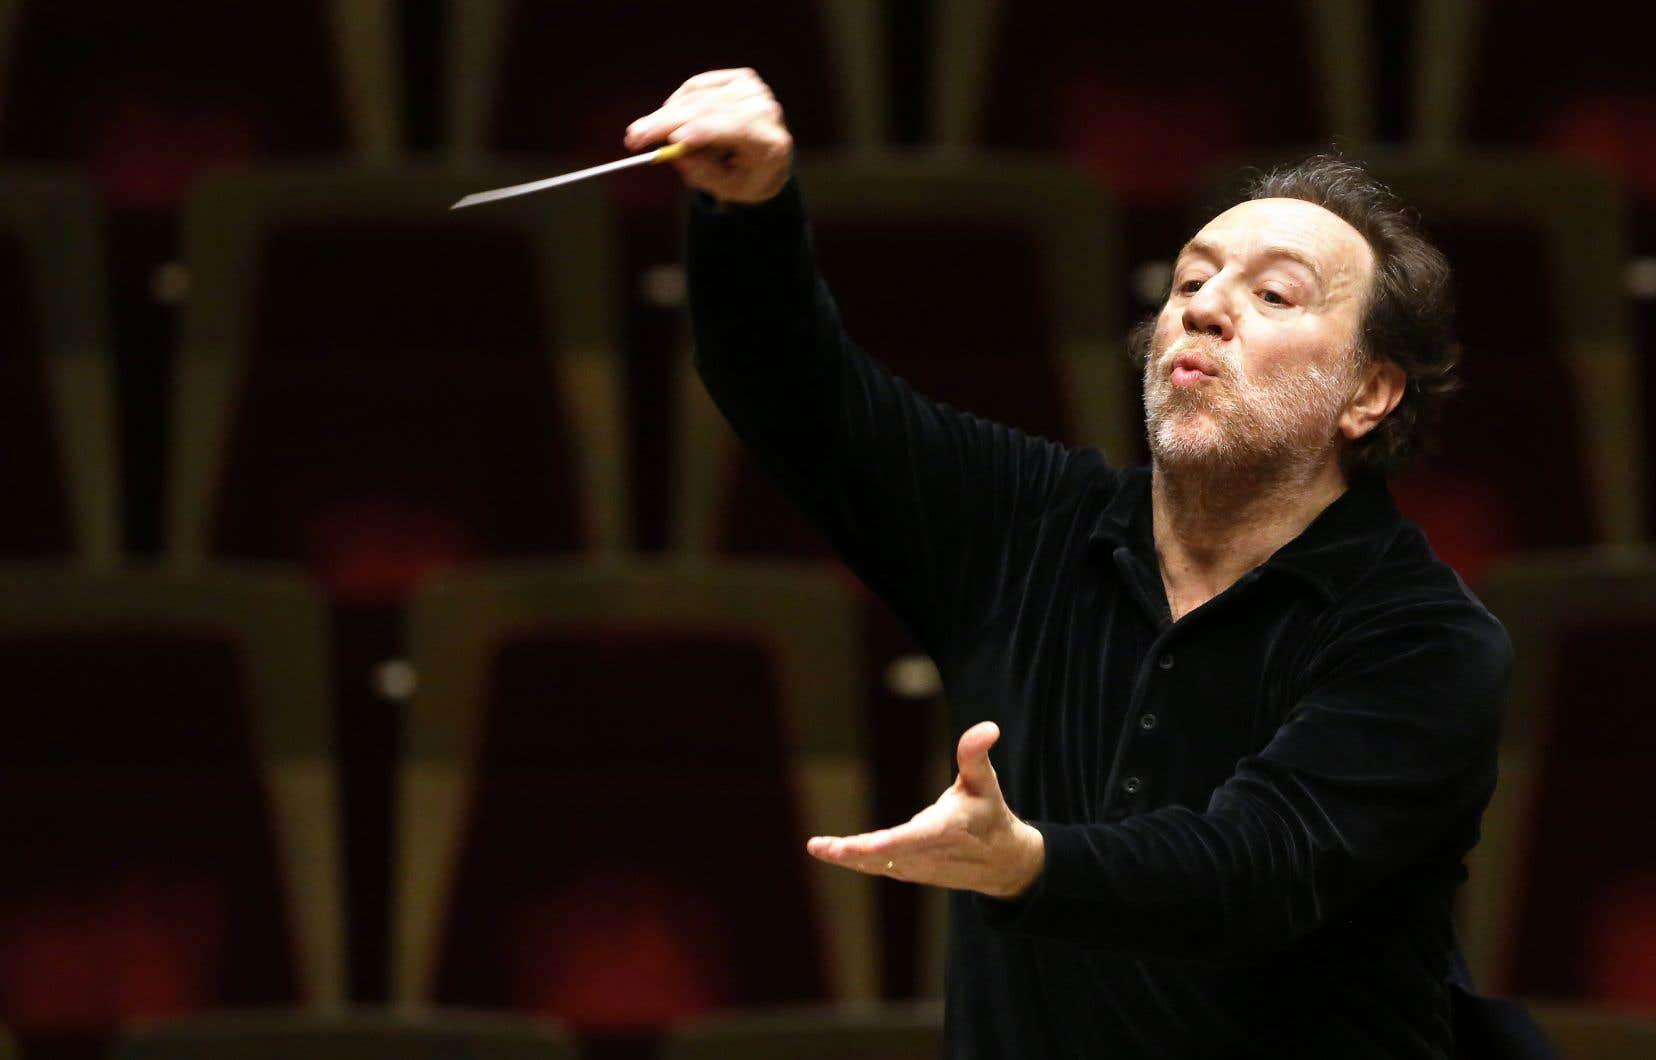 Le chef d'orchestre italien Riccardo Chailly a dirigé la Symphonie des Mille de Gustav Mahler au Festival de Lucerne en 2016.